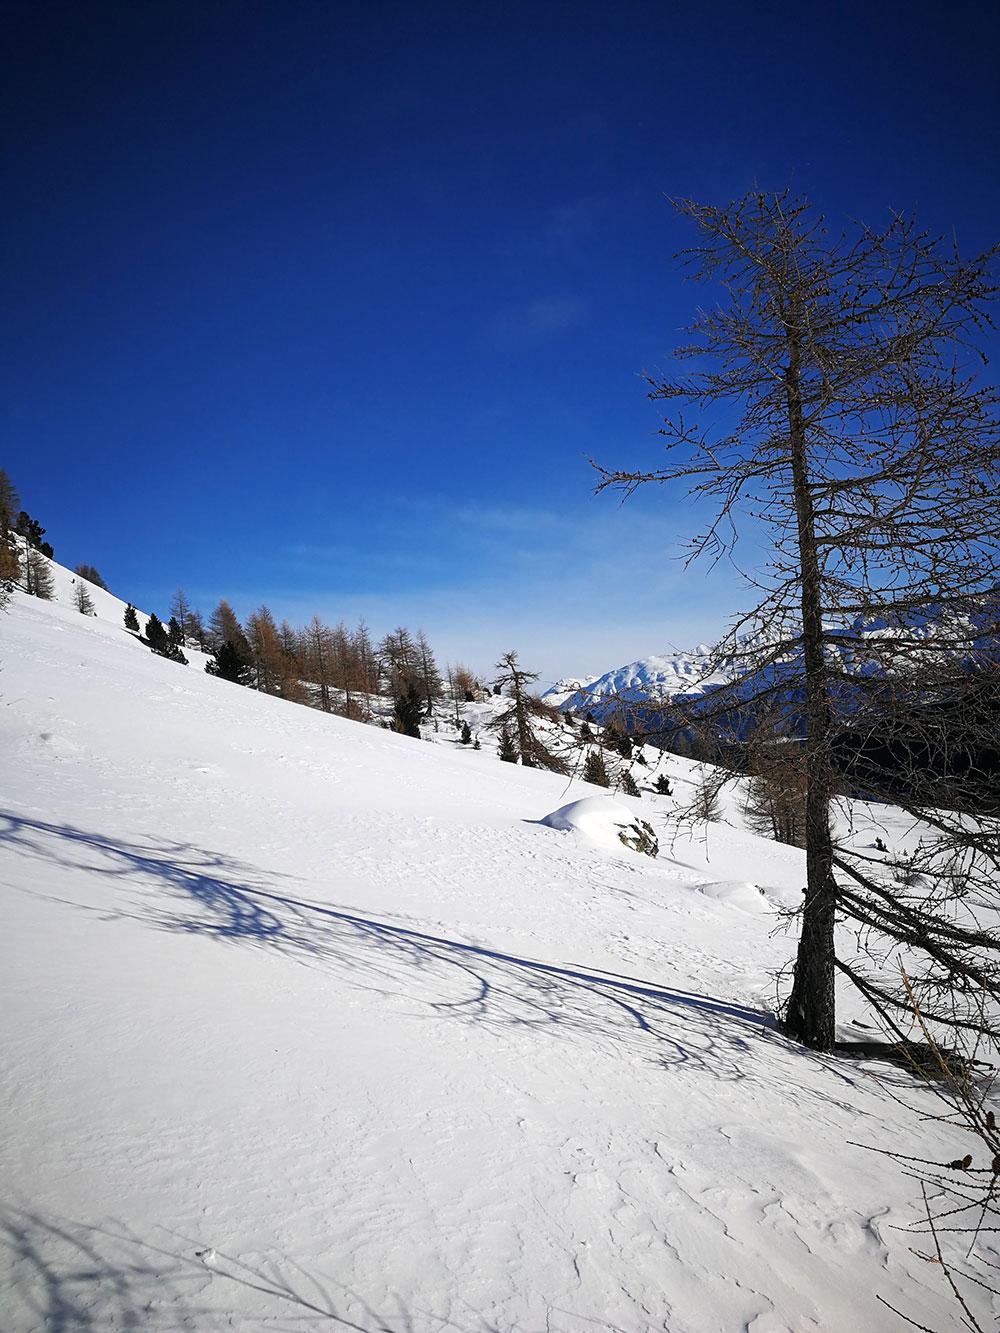 escursione splitboard val engadina